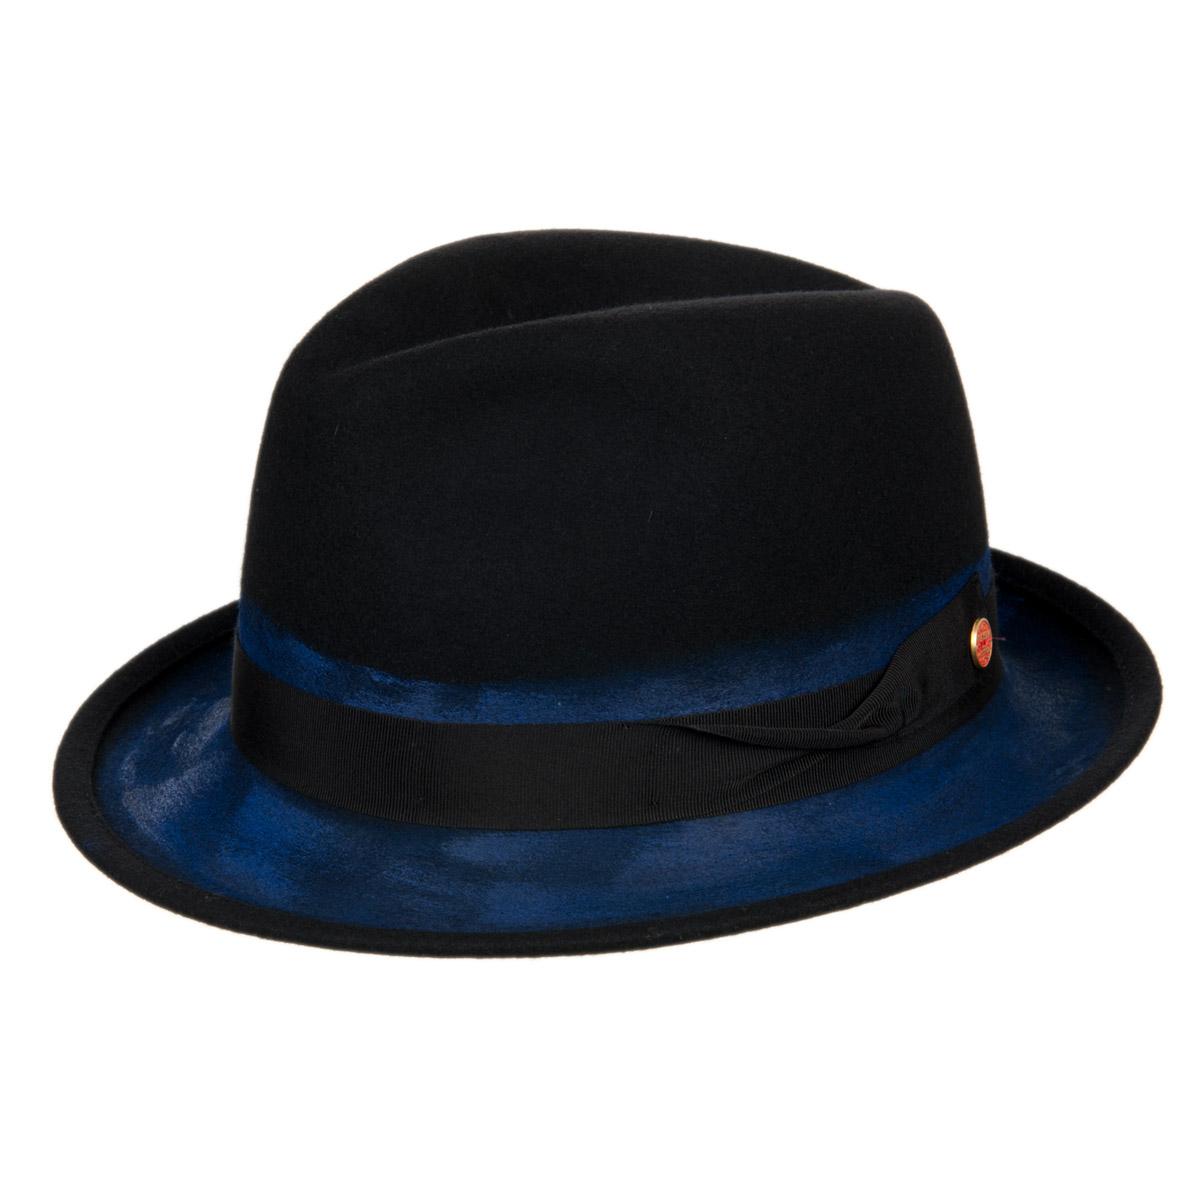 MAYSER   cappelleria Hutstuebele - cappelli e berretti per uomo ... 094682dff91e